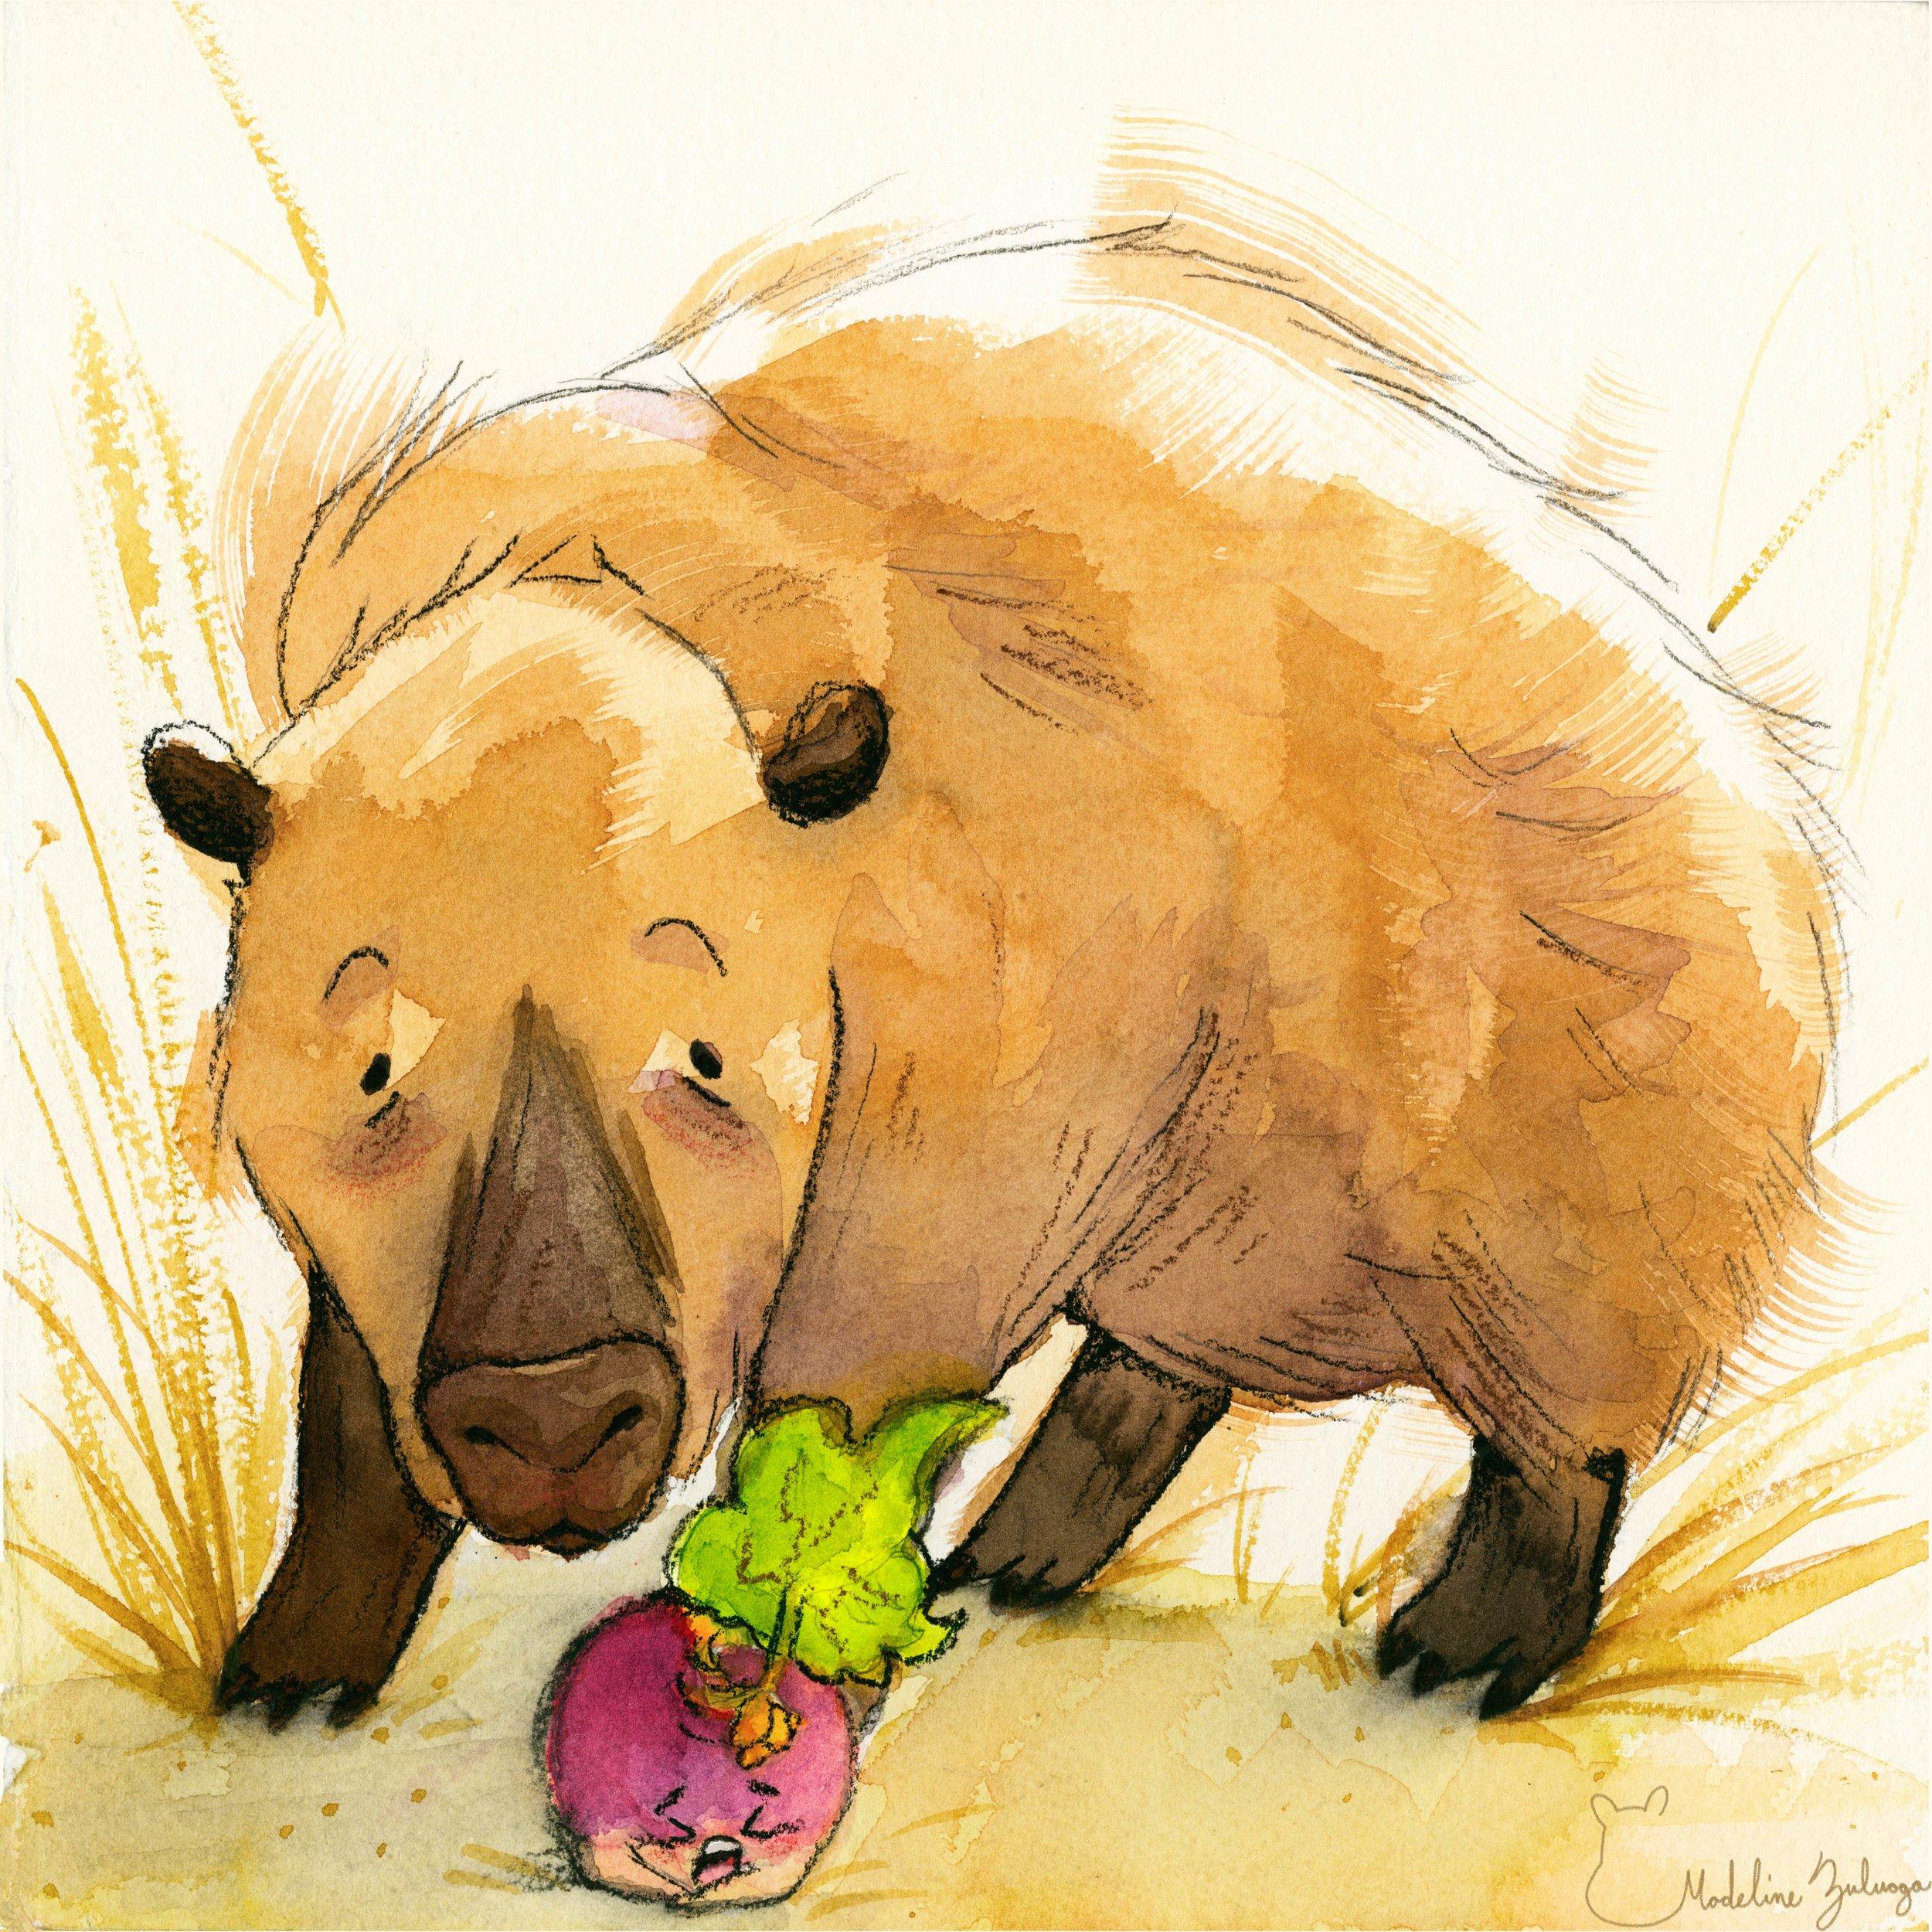 Madeline-Zuluaga-capybara-and-turnip-child-1.jpg